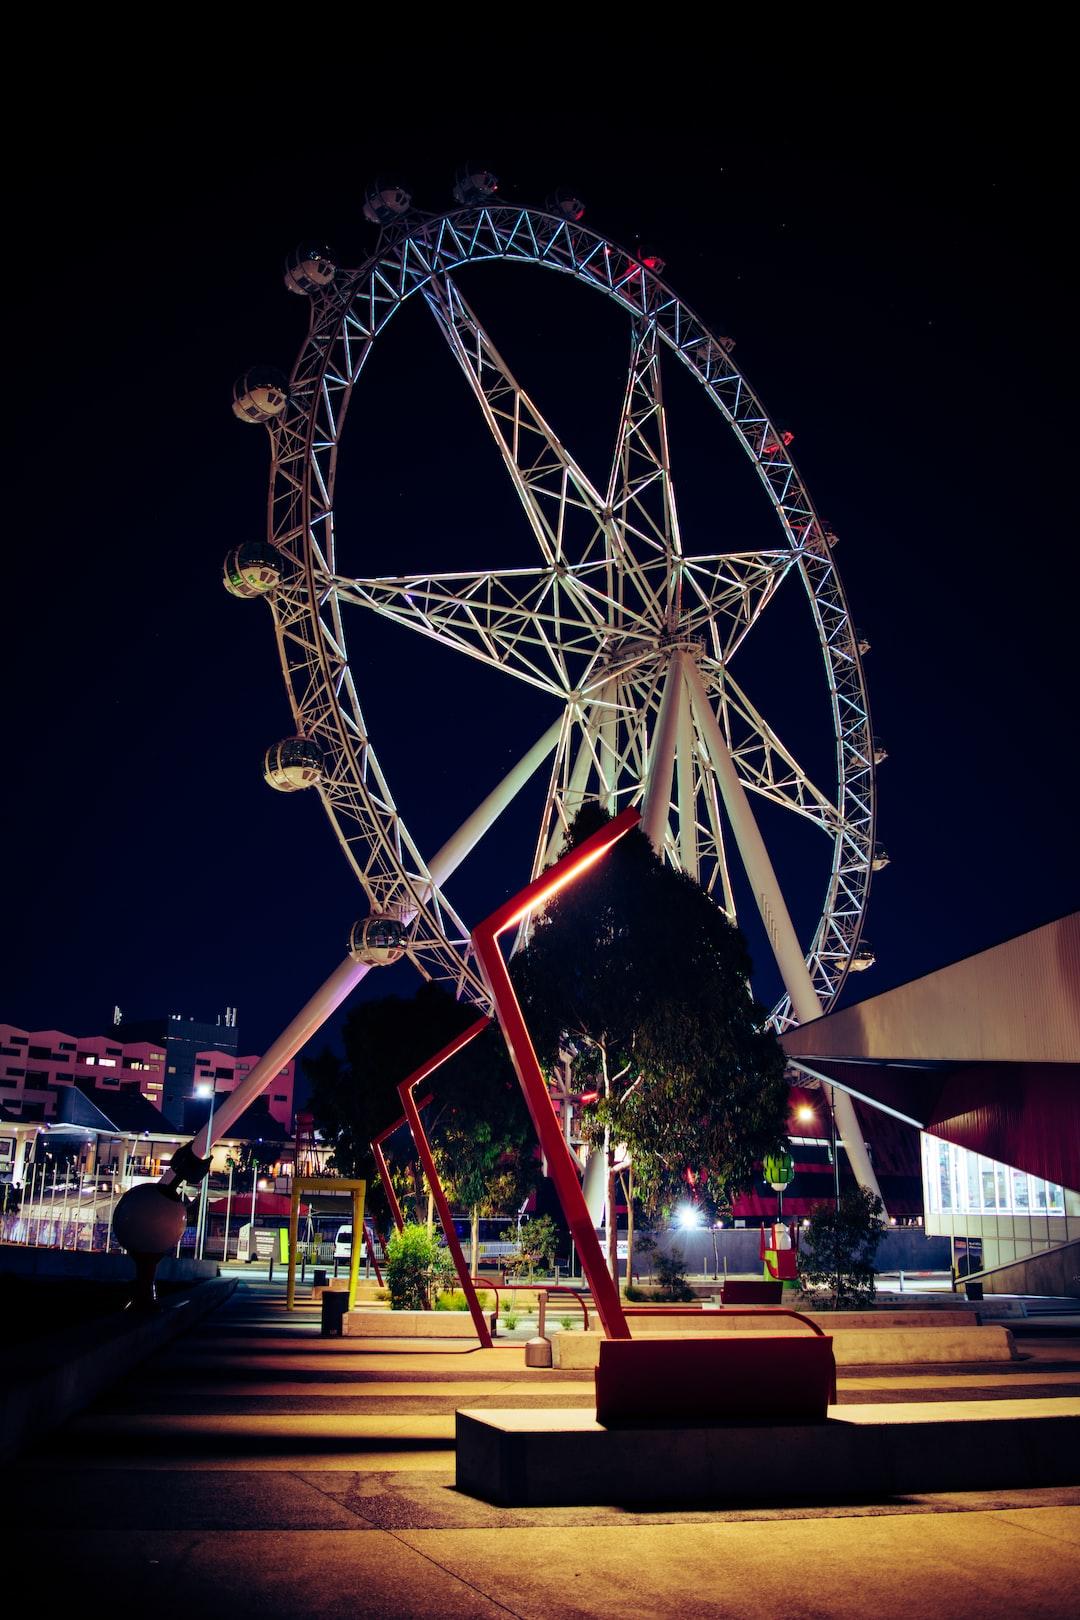 Observation wheel in Melbourne